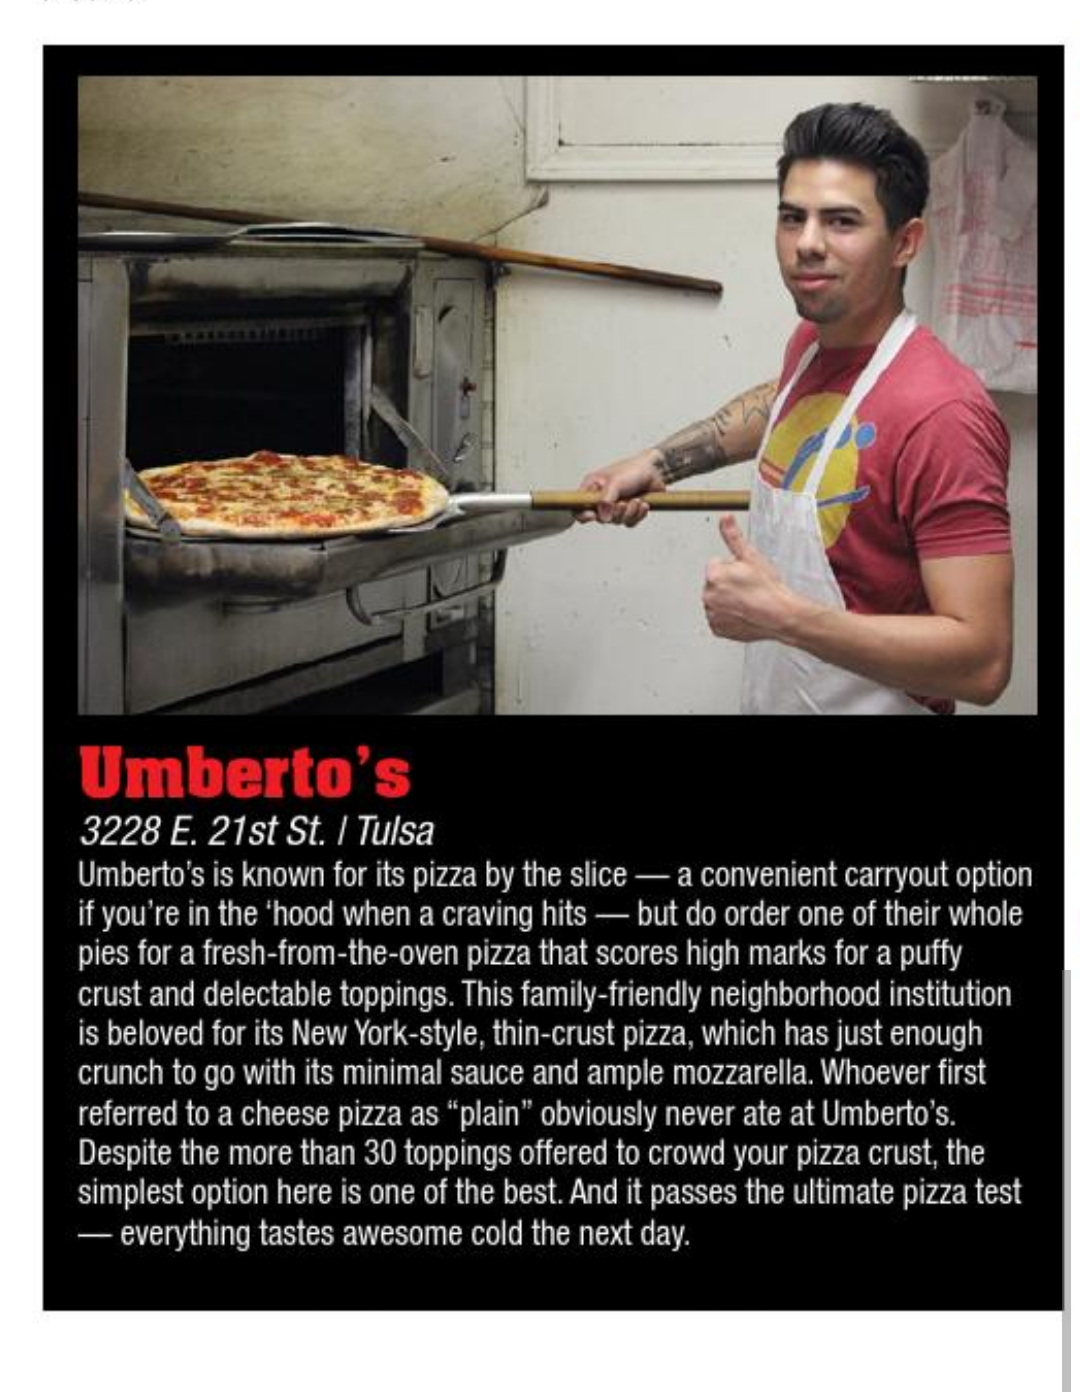 Umberto's Tulsa